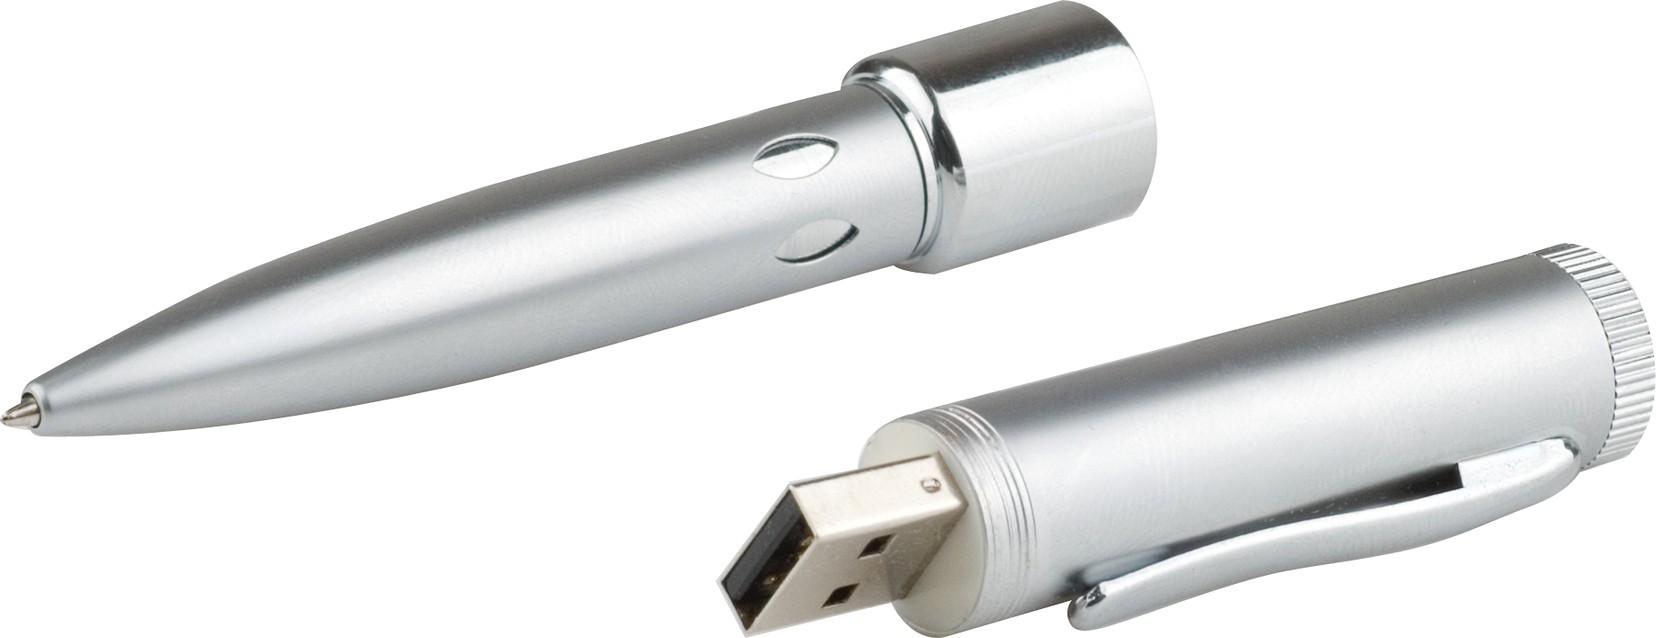 Pamięć USB długopis PDd-1